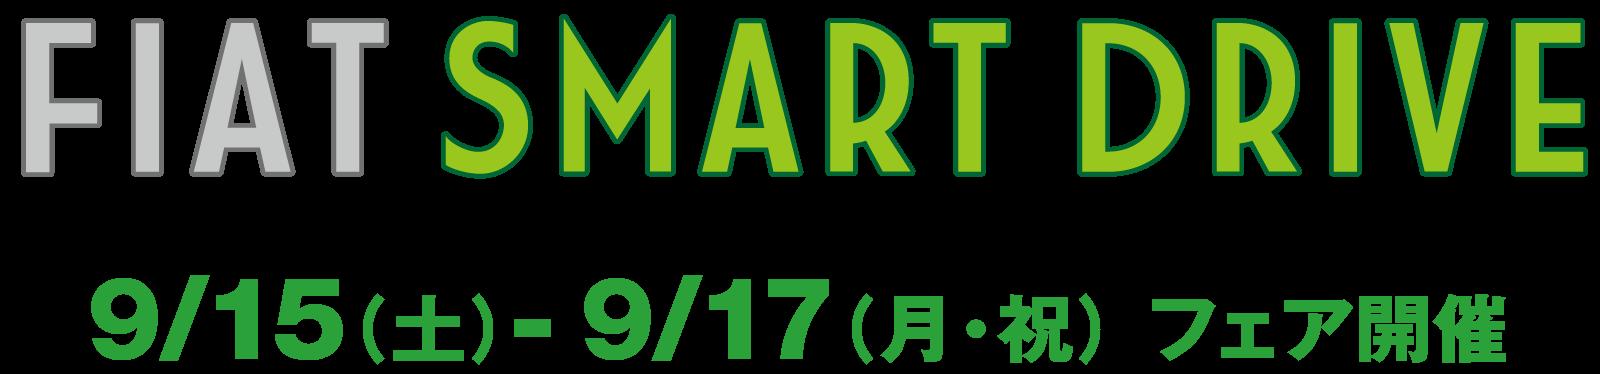 フィアット広島 SMART DRIVE 【新モニター搭載!】